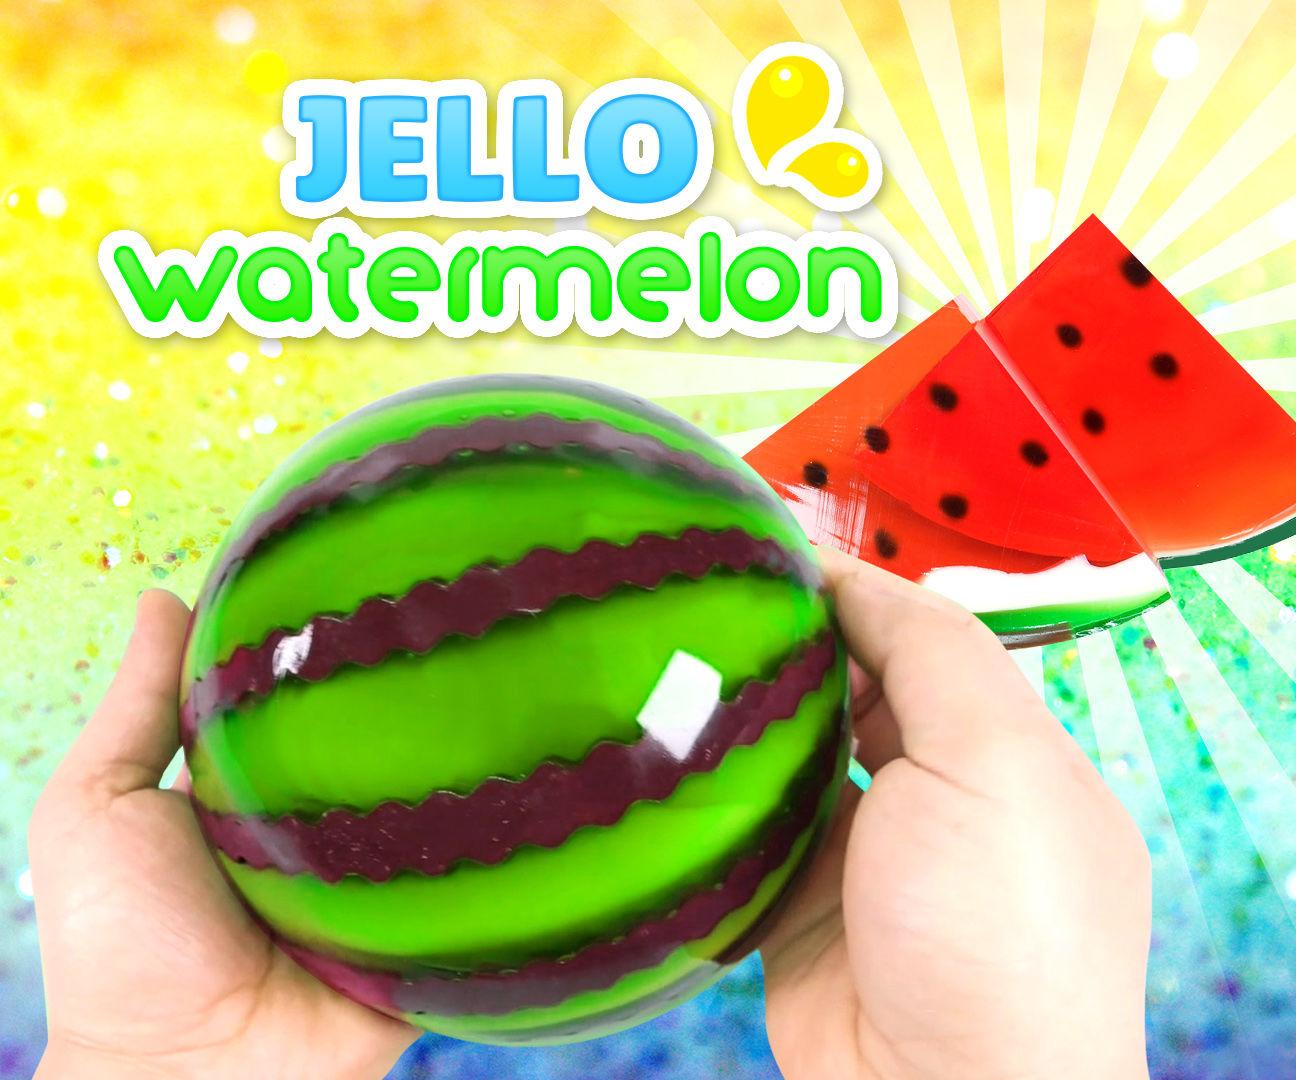 How to Make a Jello Watermelon !! GUMMY JELLO WATERMELON SLICES